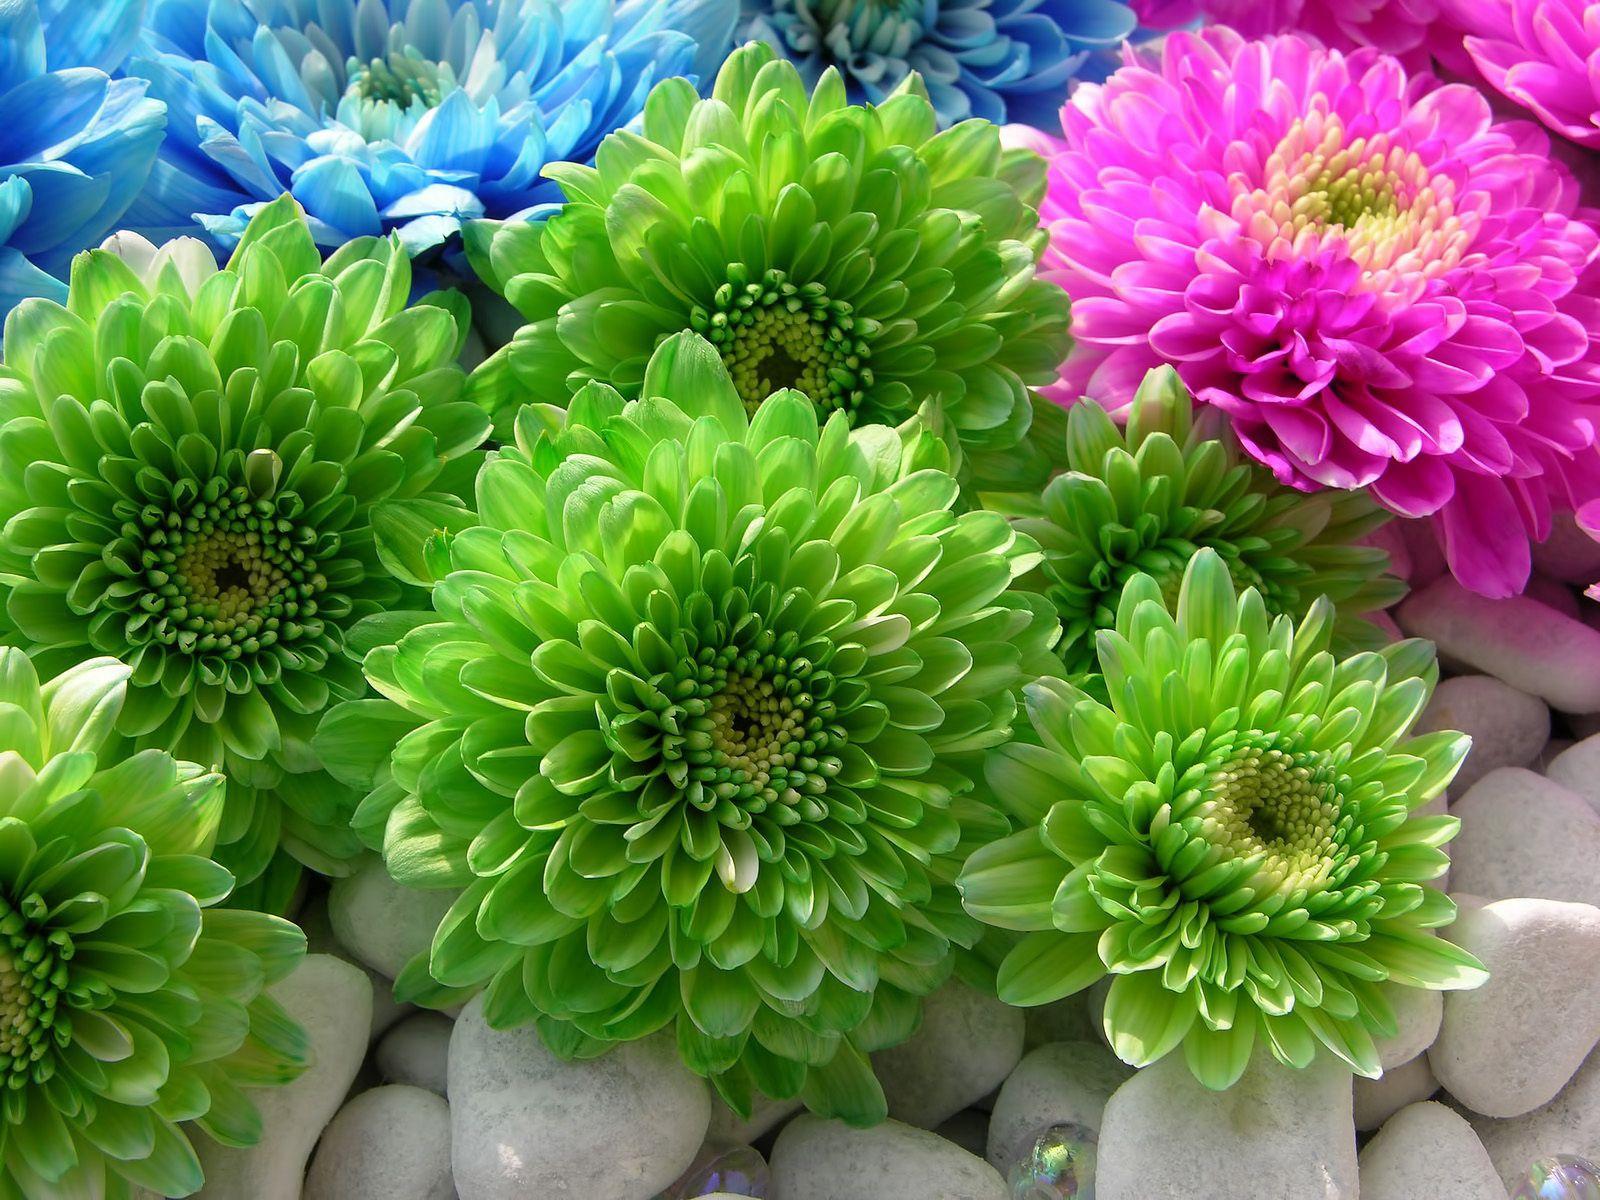 102367 скачать обои Хризантемы, Цветы, Камни, Яркие, Разноцветные - заставки и картинки бесплатно